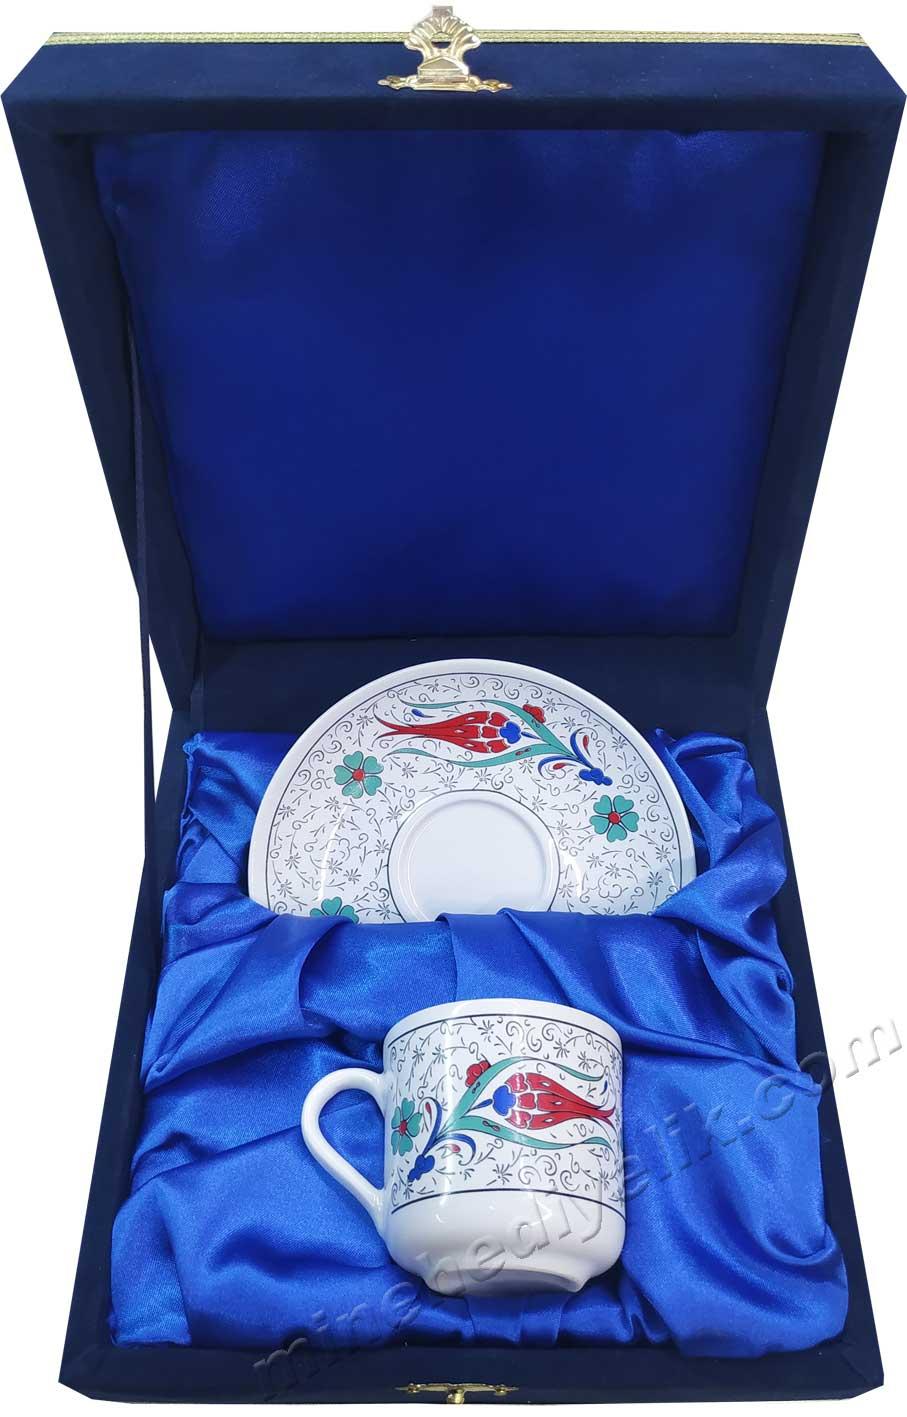 Klasik Haliç Lale Desenli Türk Kahve Fincan Takımı Tek Kişilik Kadife Kutuda Kaliteli promosyon hediyeler kurumsal logo baskılı kutulu Kaliteli promosyon hediyeler kurumsal logo baskılı kutulu